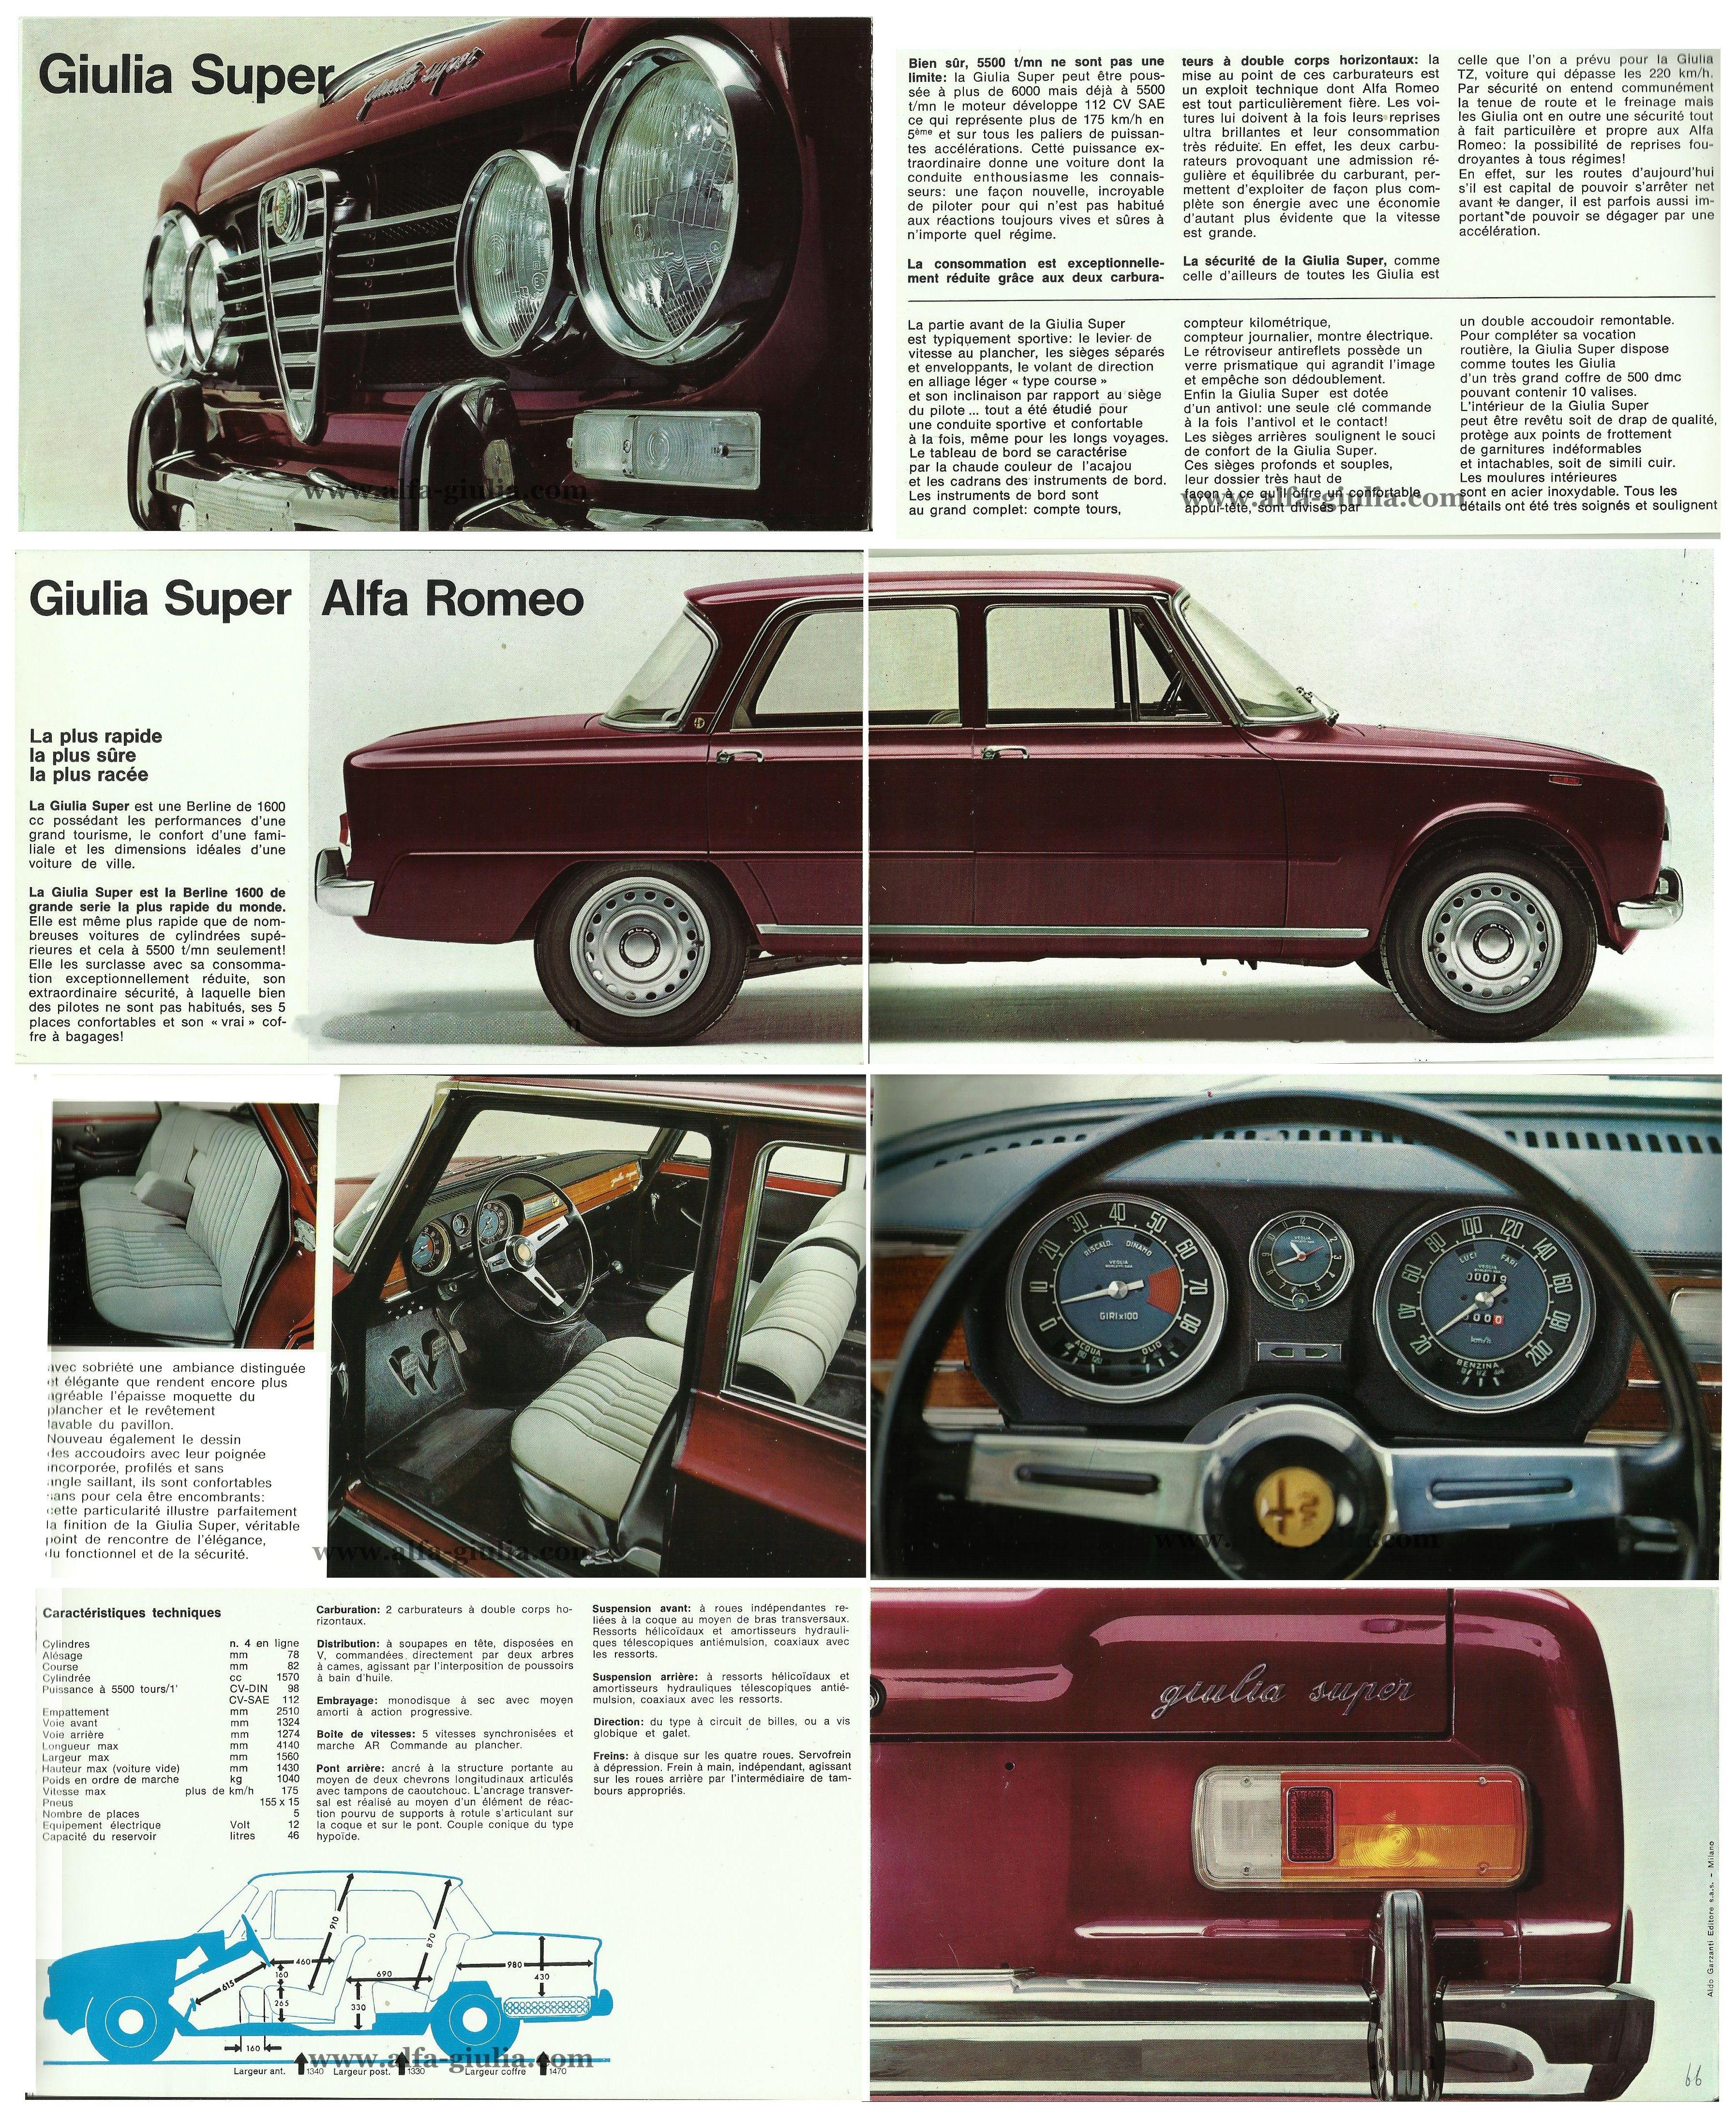 BROCHURE GIULIA SUPER 1969